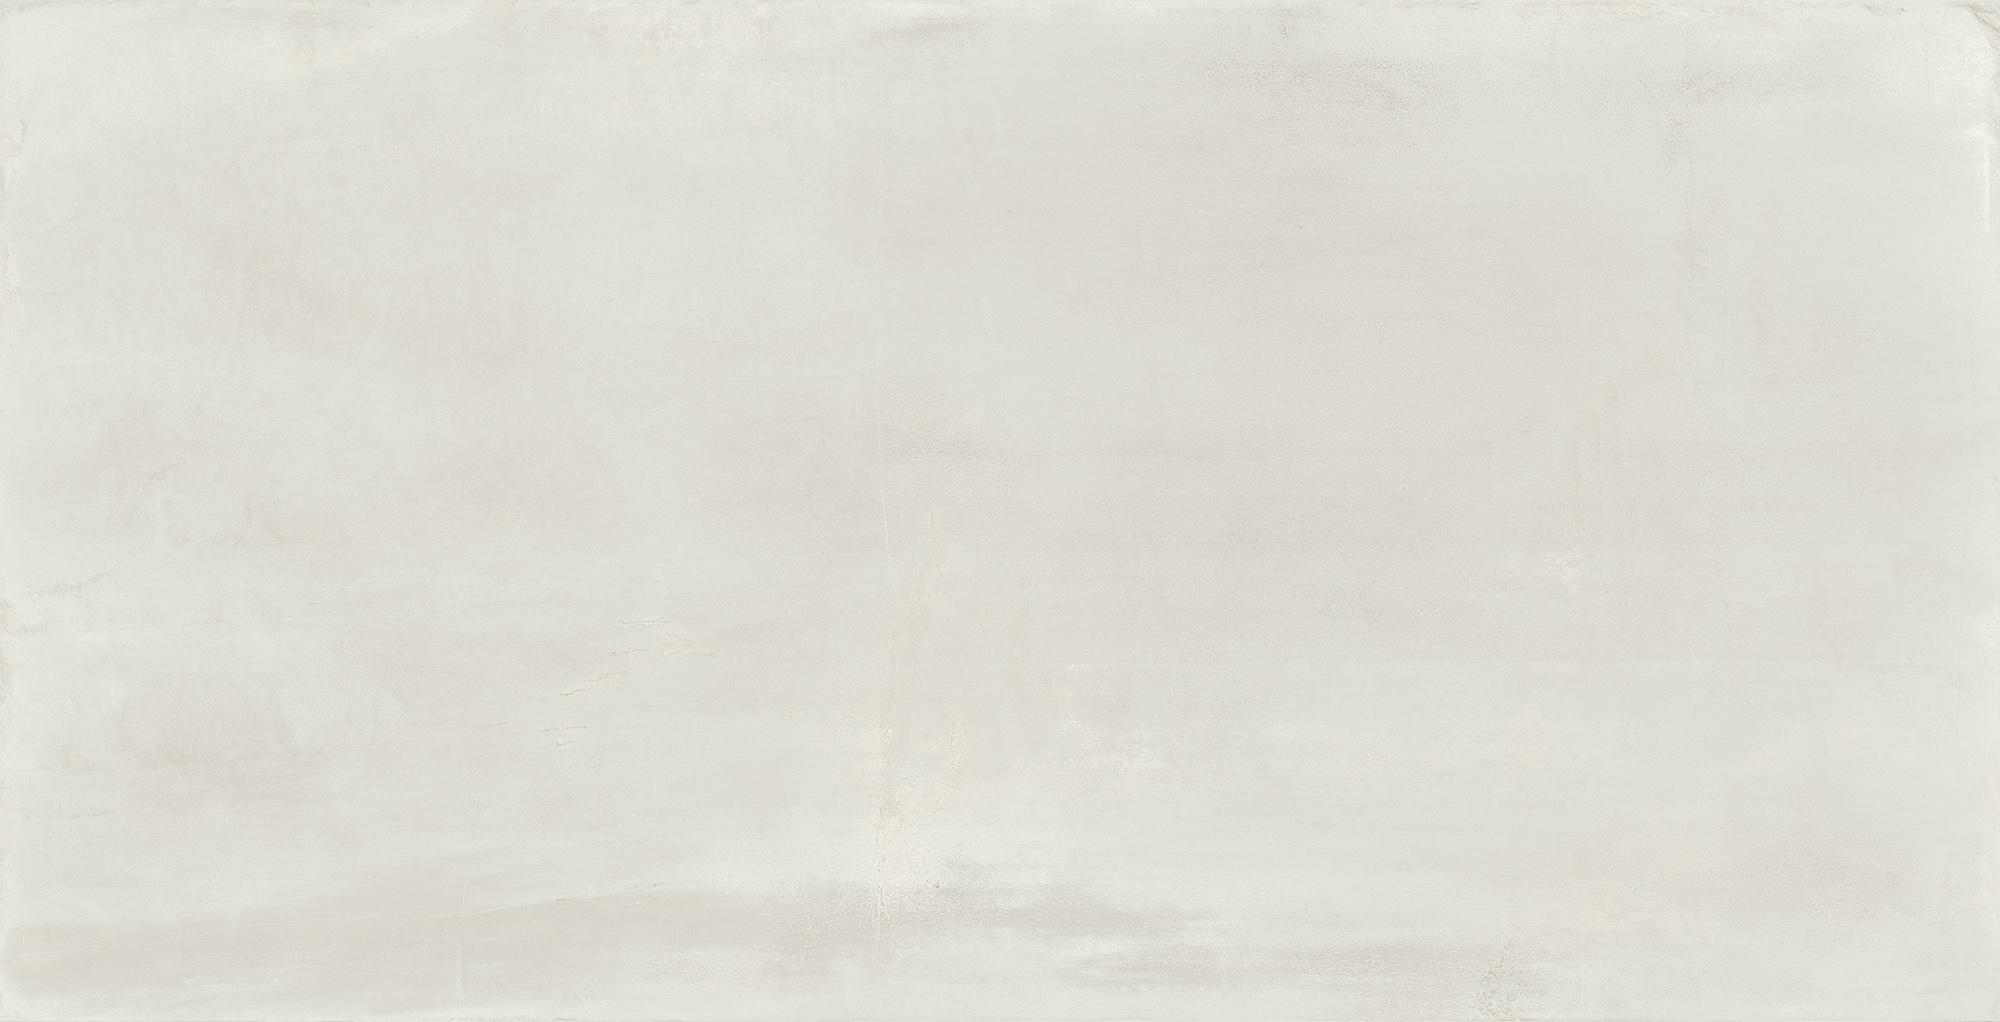 0591709, Cocoon, Valkoinen, lattia,pakkasenkesto,liukastumisenesto,uimahalli